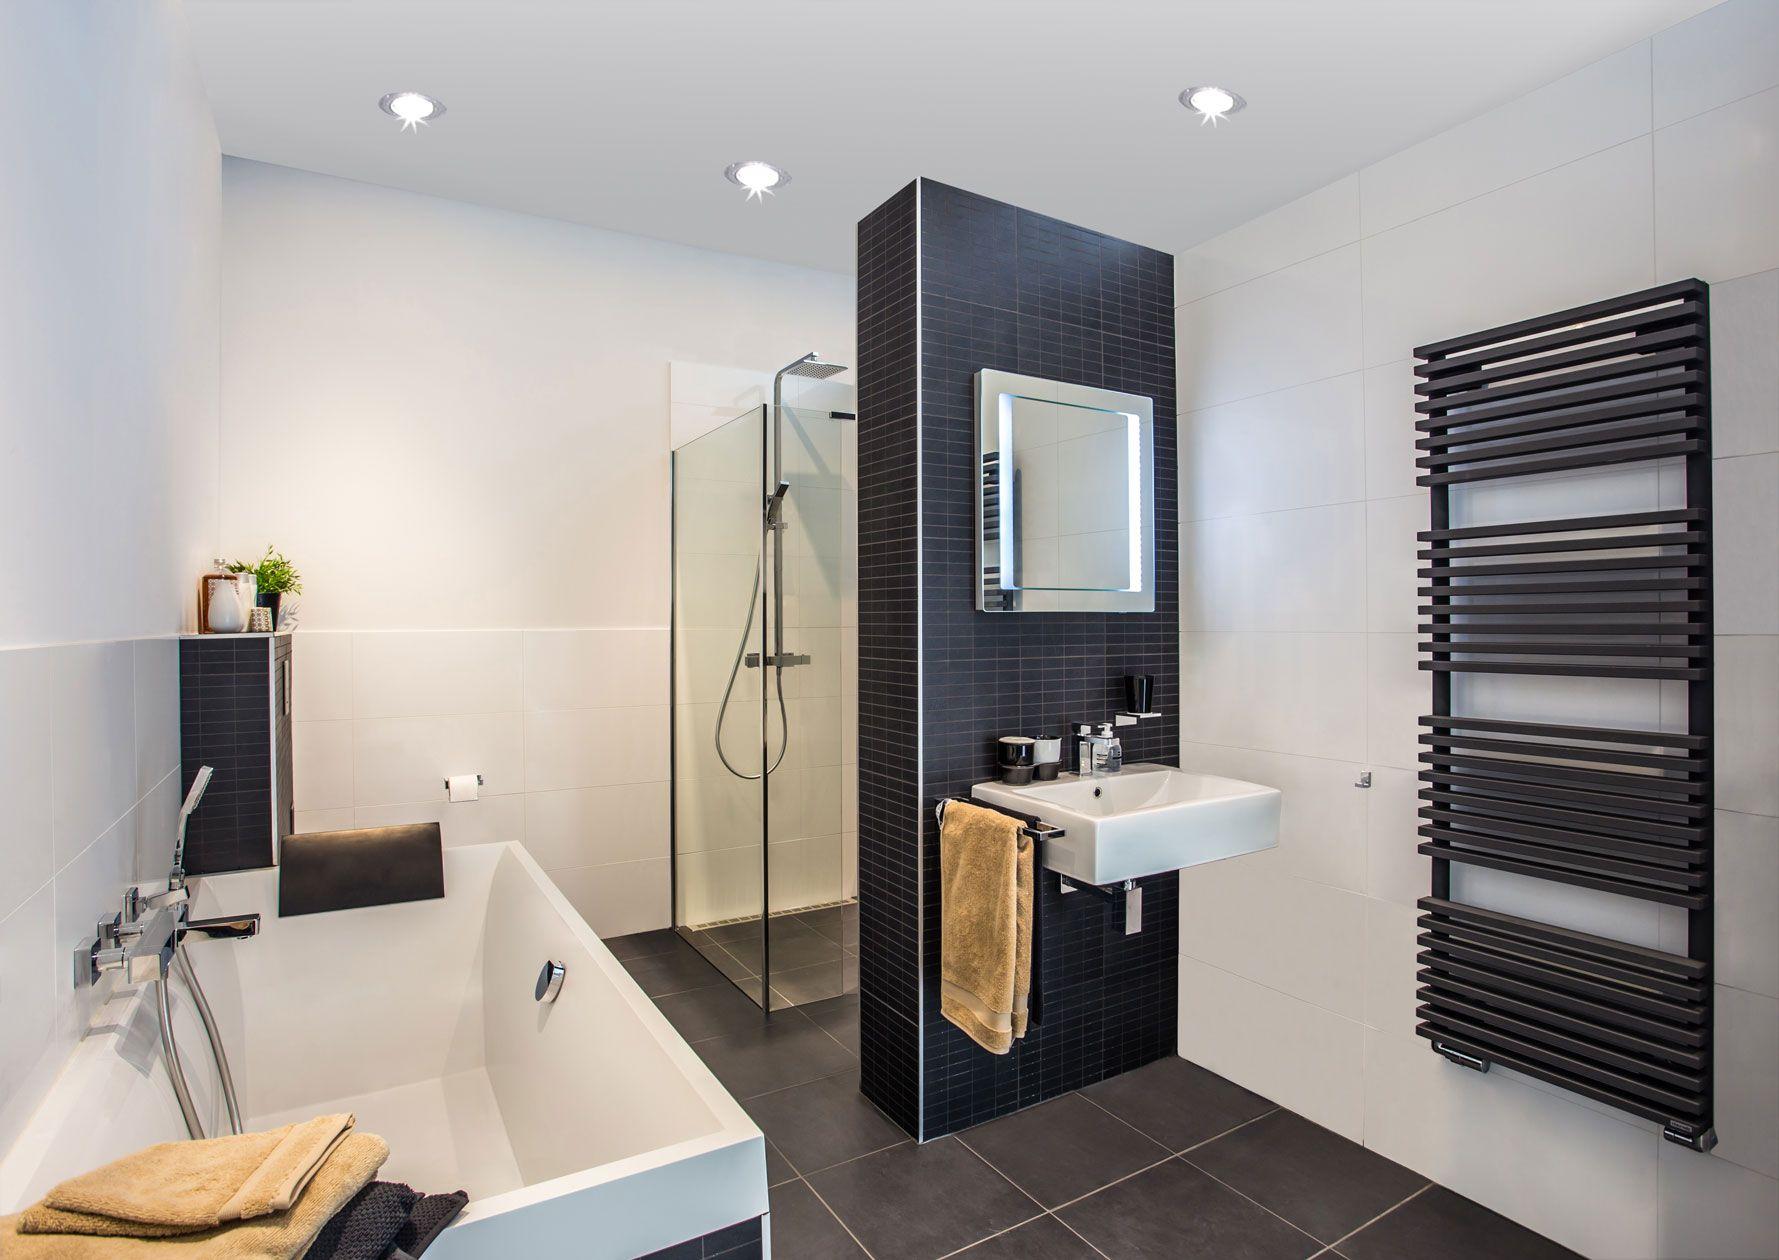 Zwarte Tegels Badkamer : Een badkamer met een wow effect dit wordt voornamelijk gecreëerd